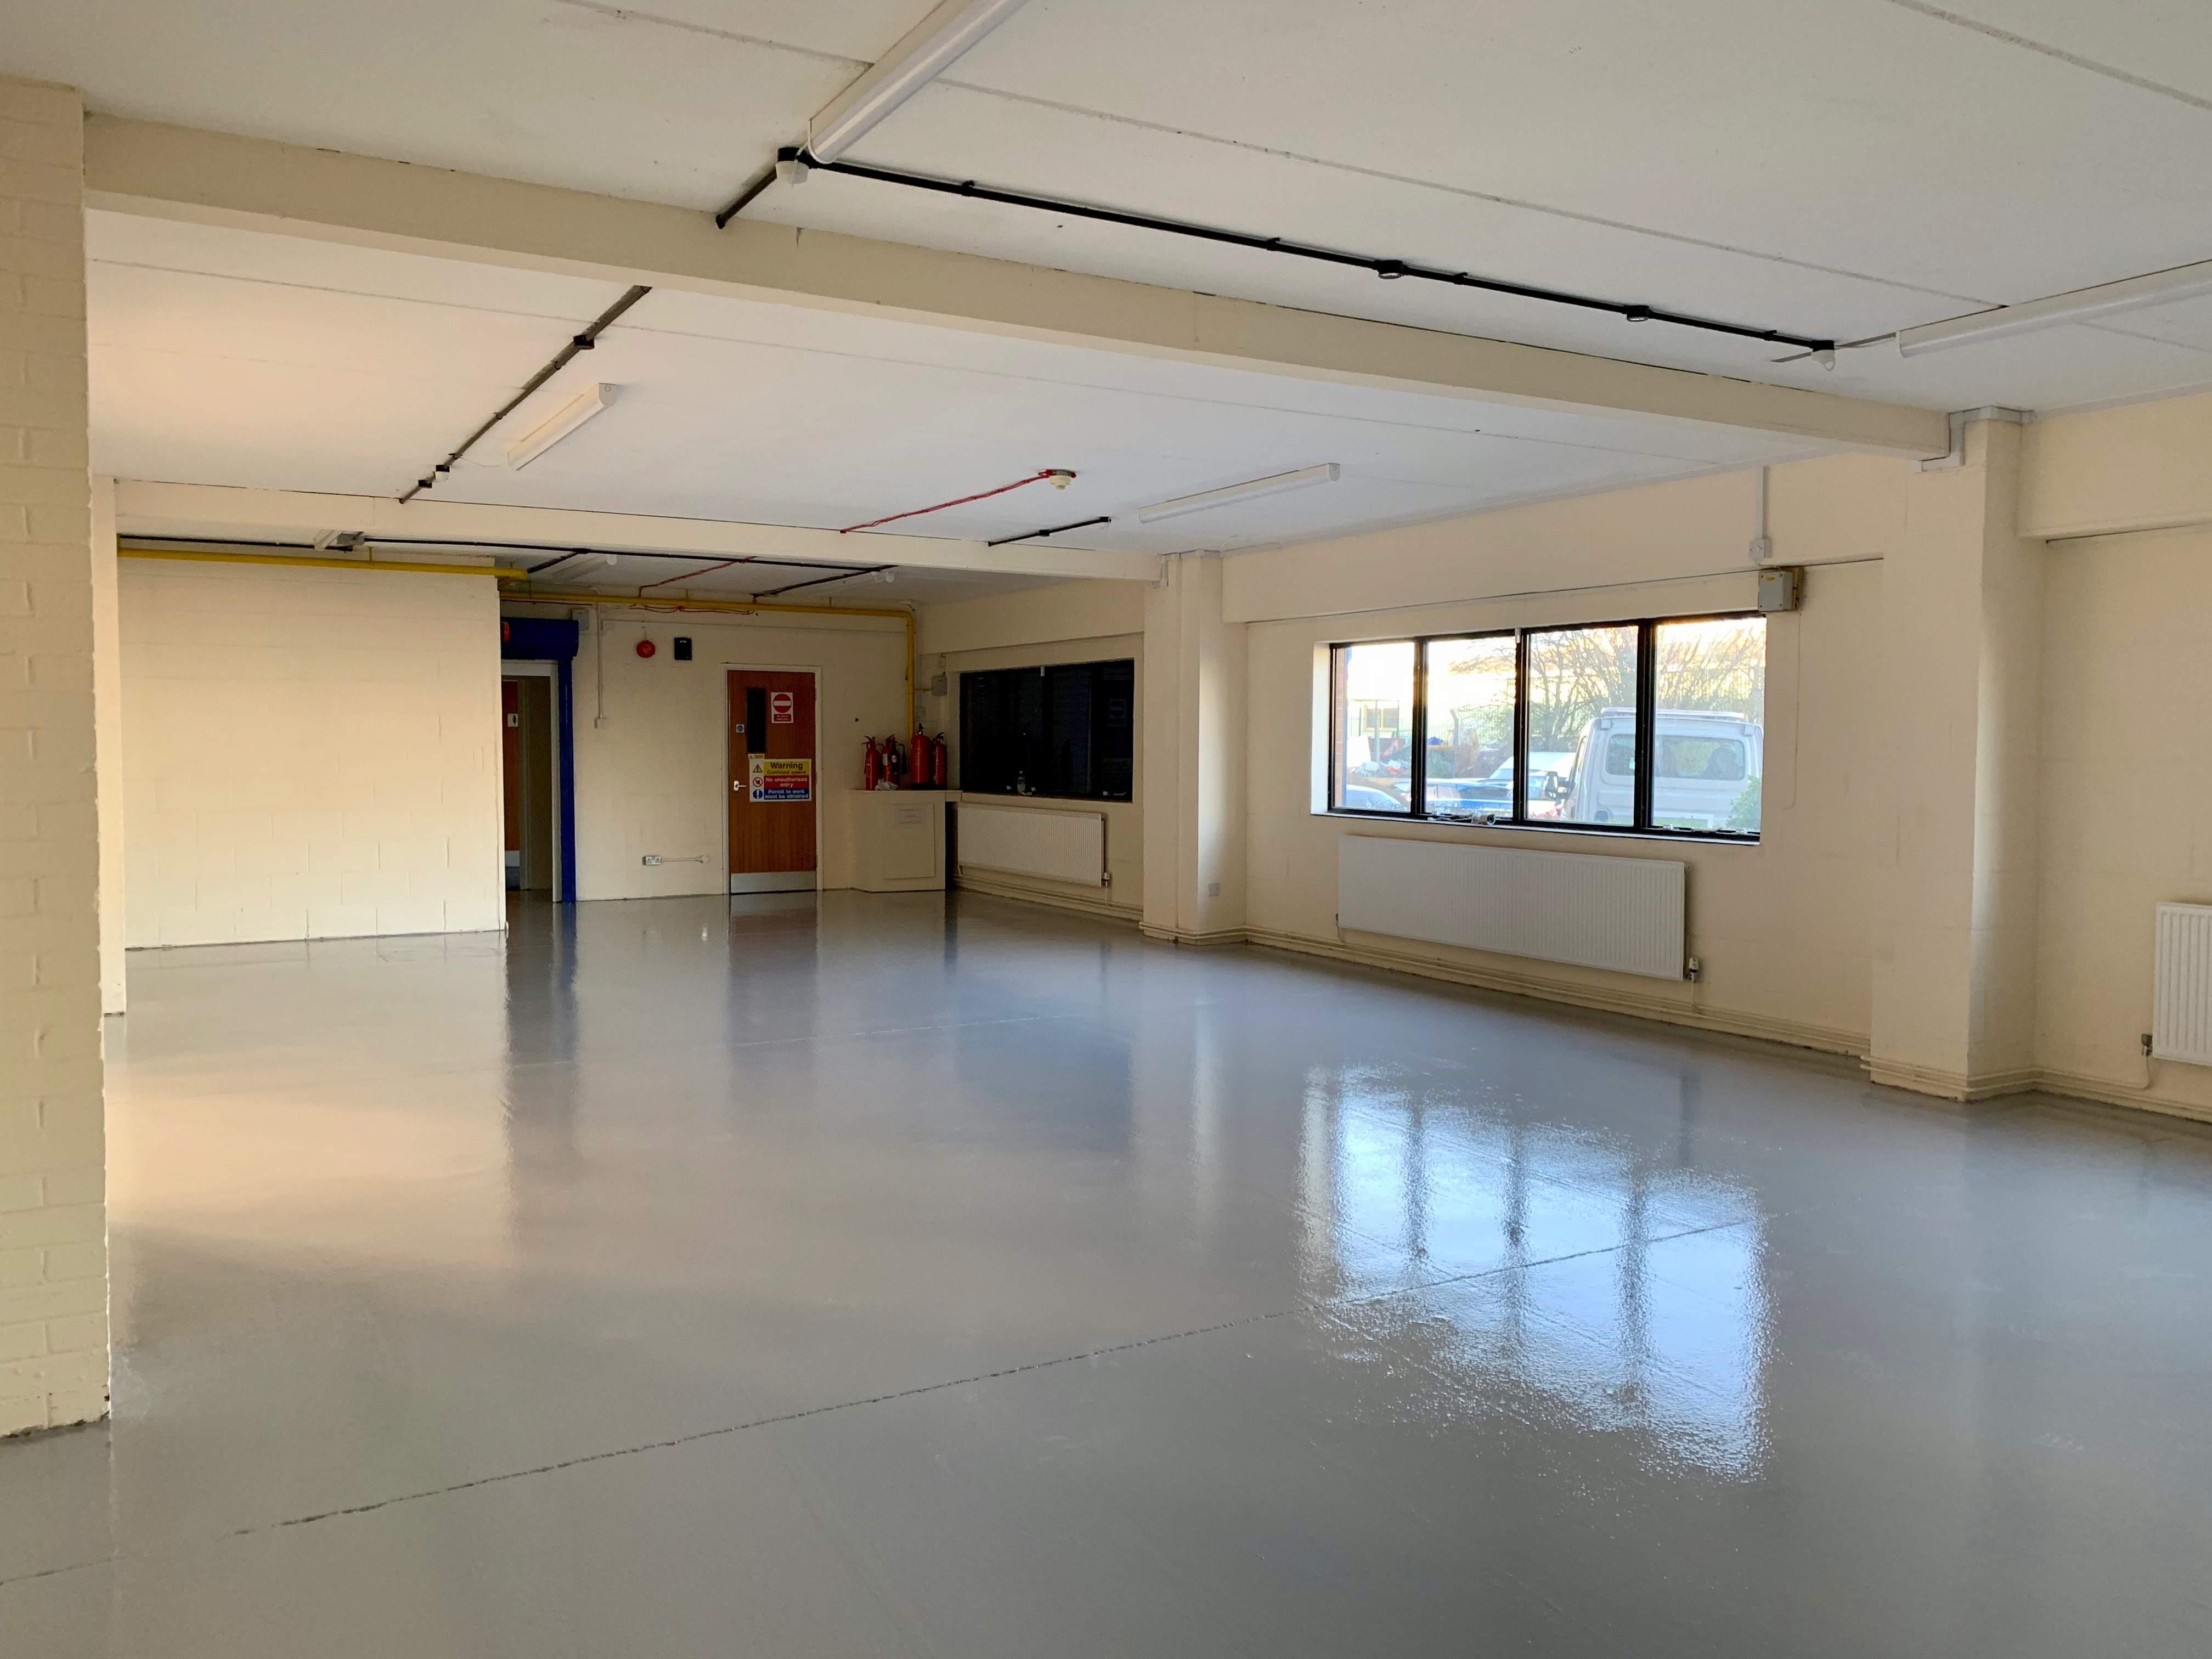 7 Dunhams Court Warehouse undercroft